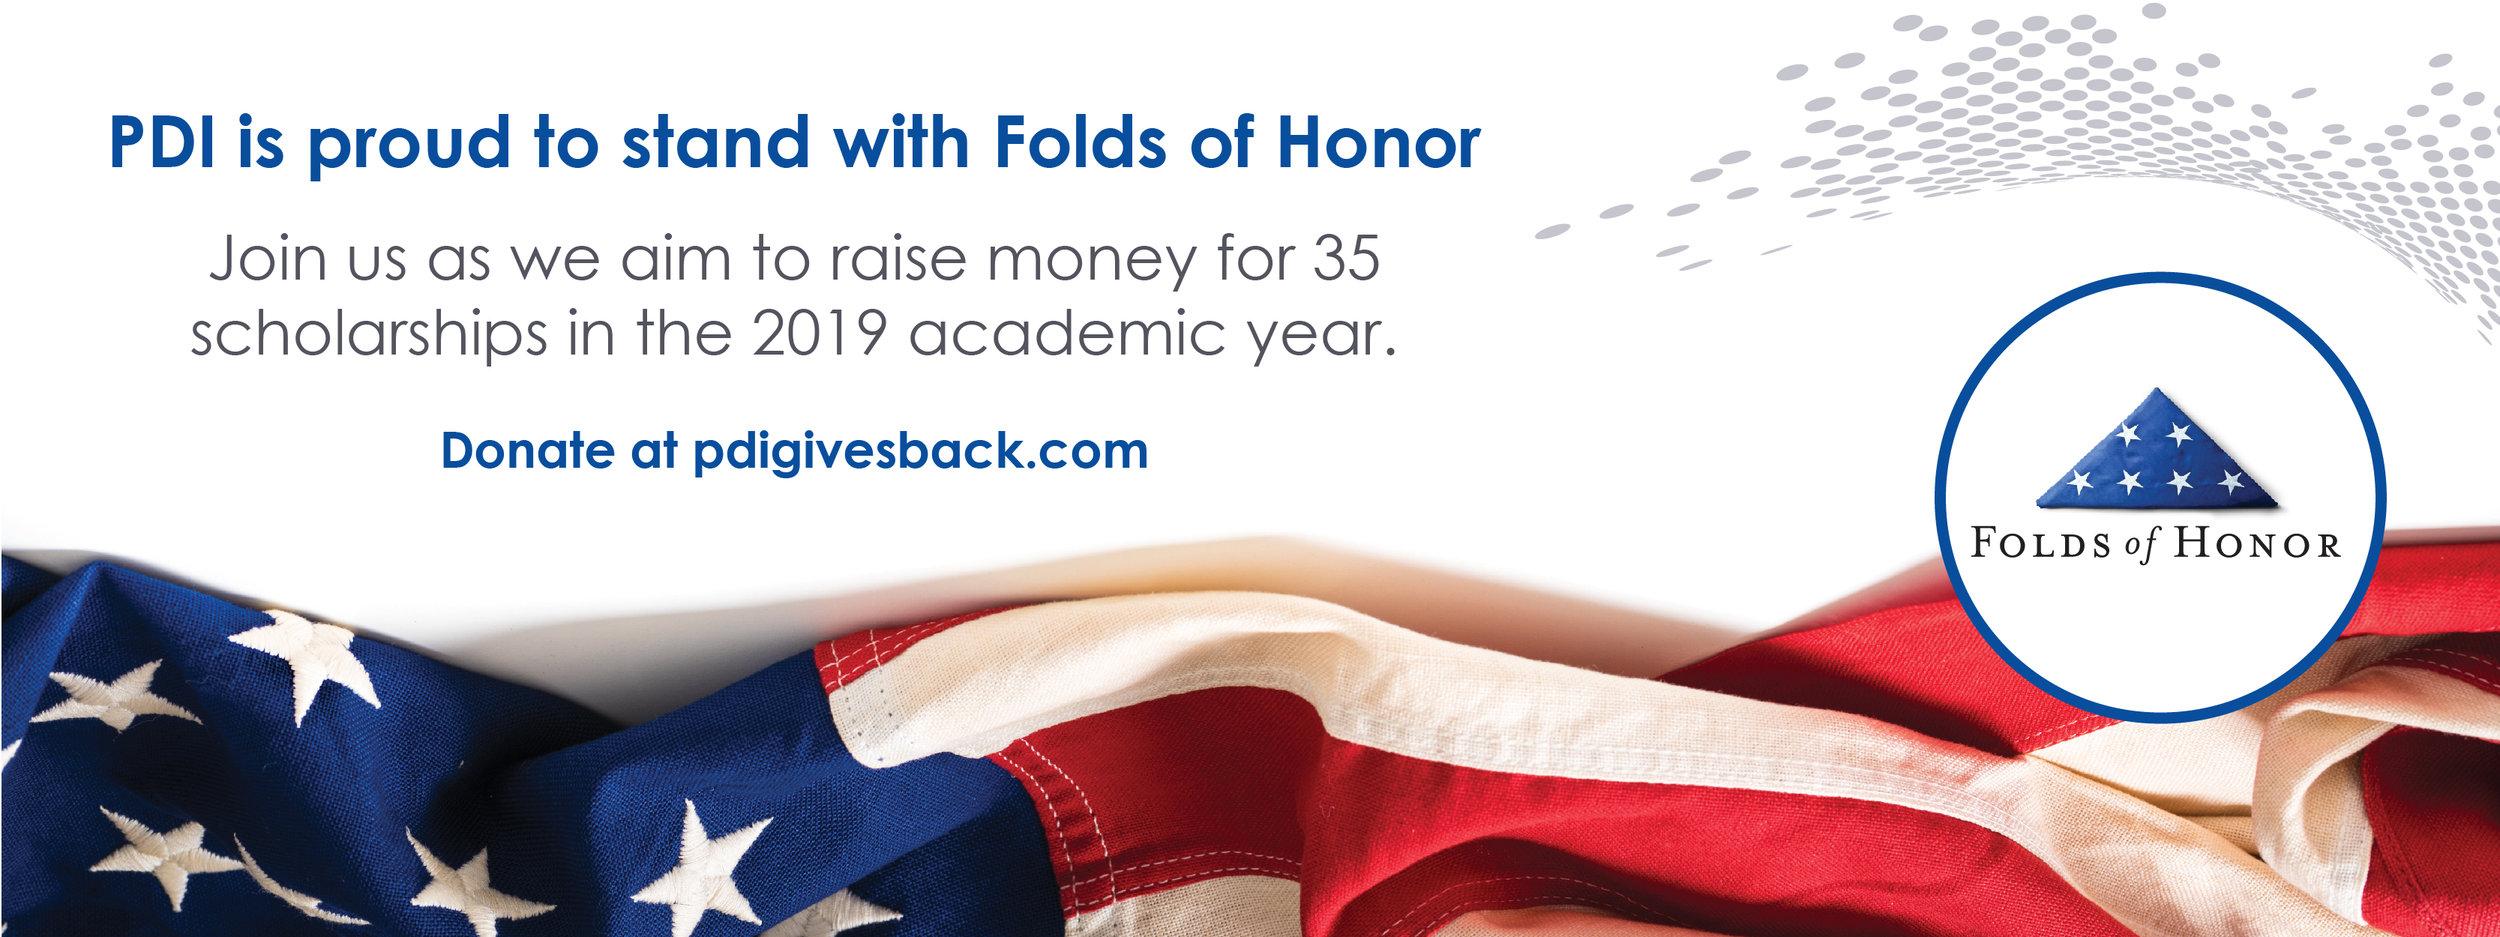 folds of honor-01.jpg